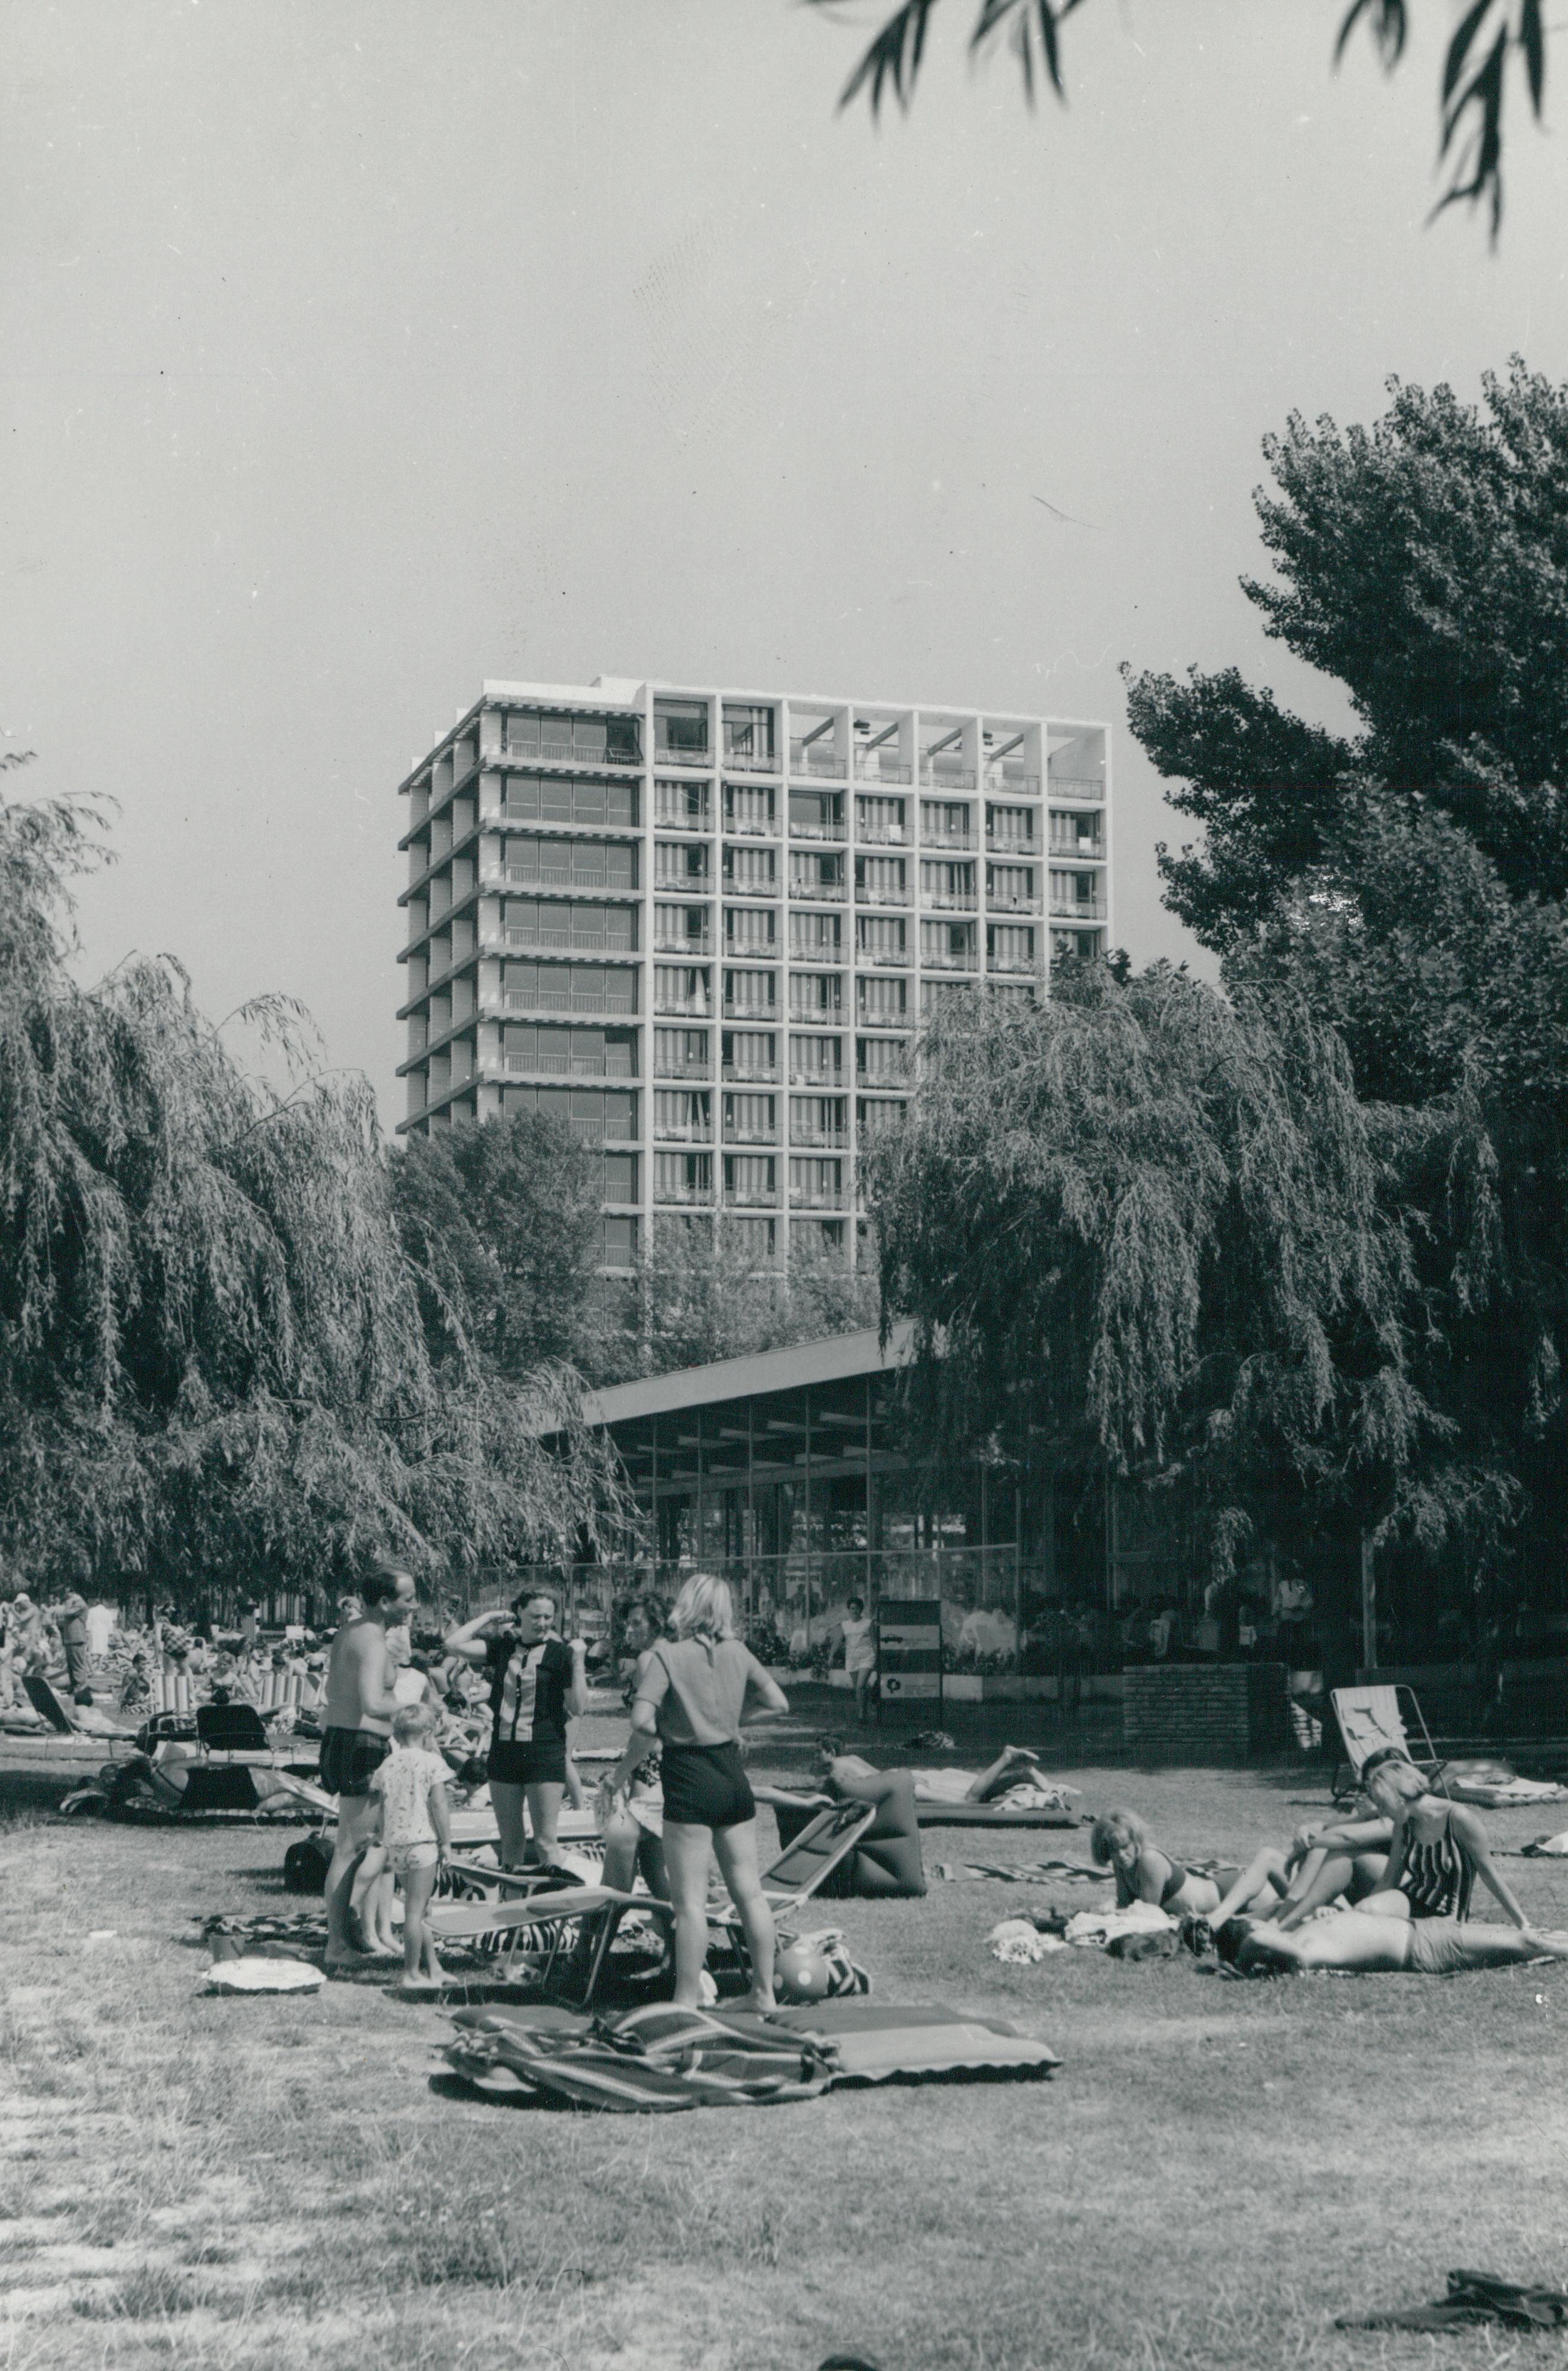 A siófoki szállodasor strandja, a Siófok Étterem és a Hotel Európa